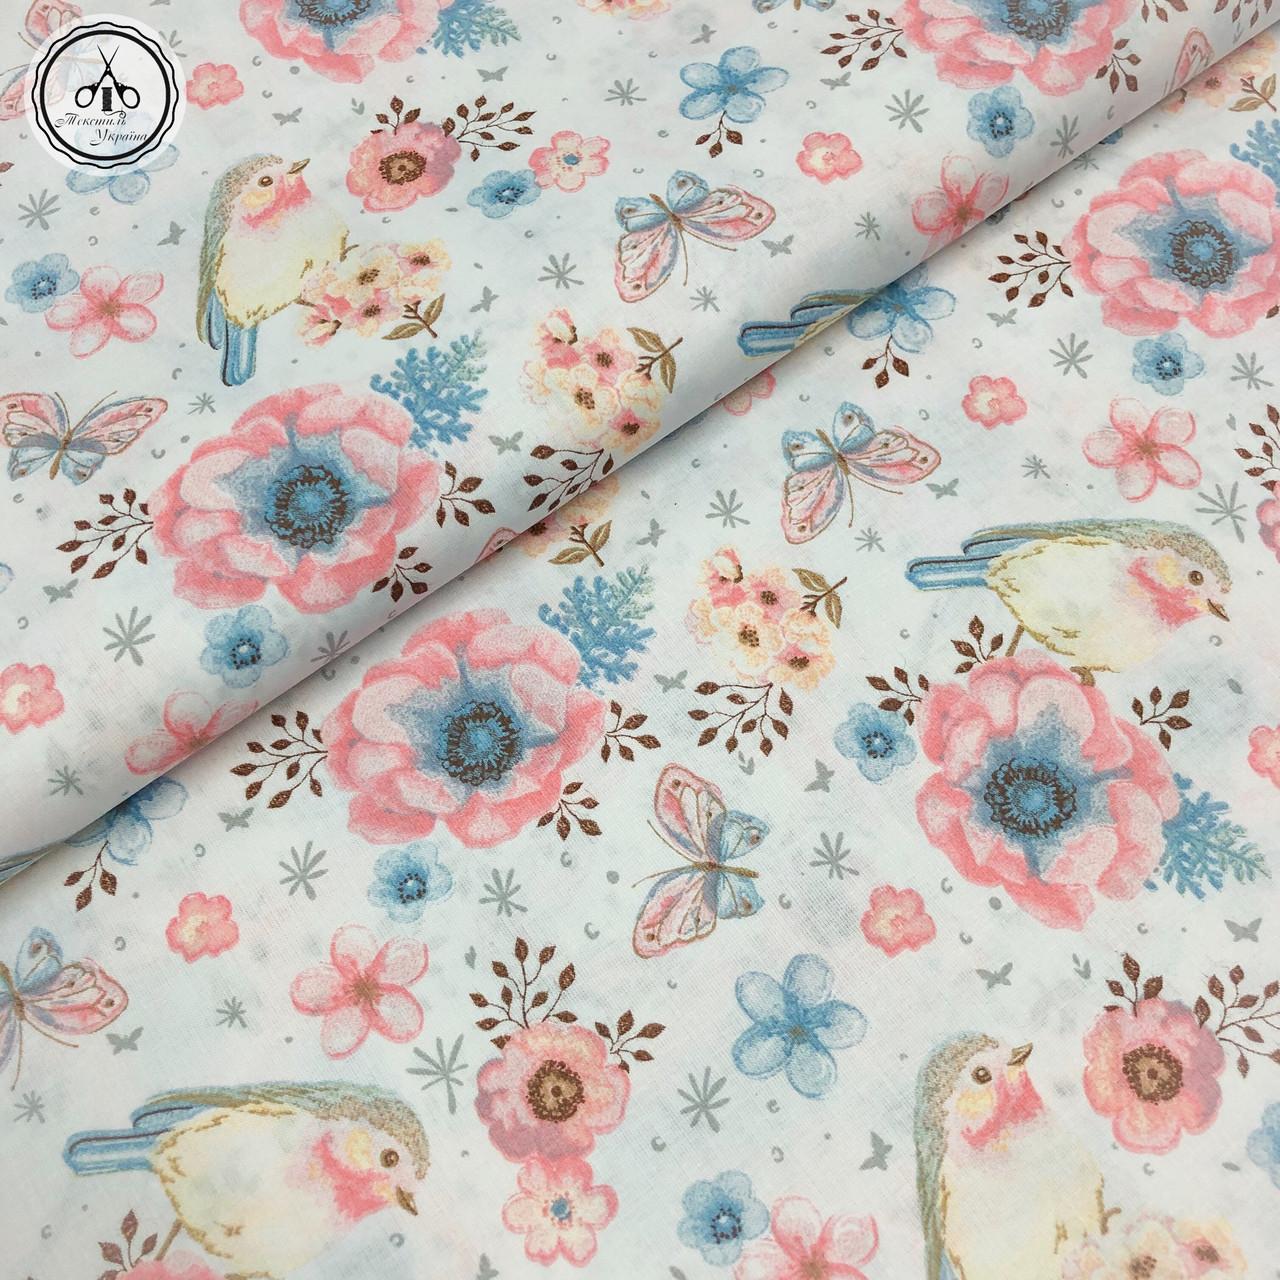 """Польская хлопковая ткань """"птички, бабочки и цветочки розово-голубые на белом"""""""